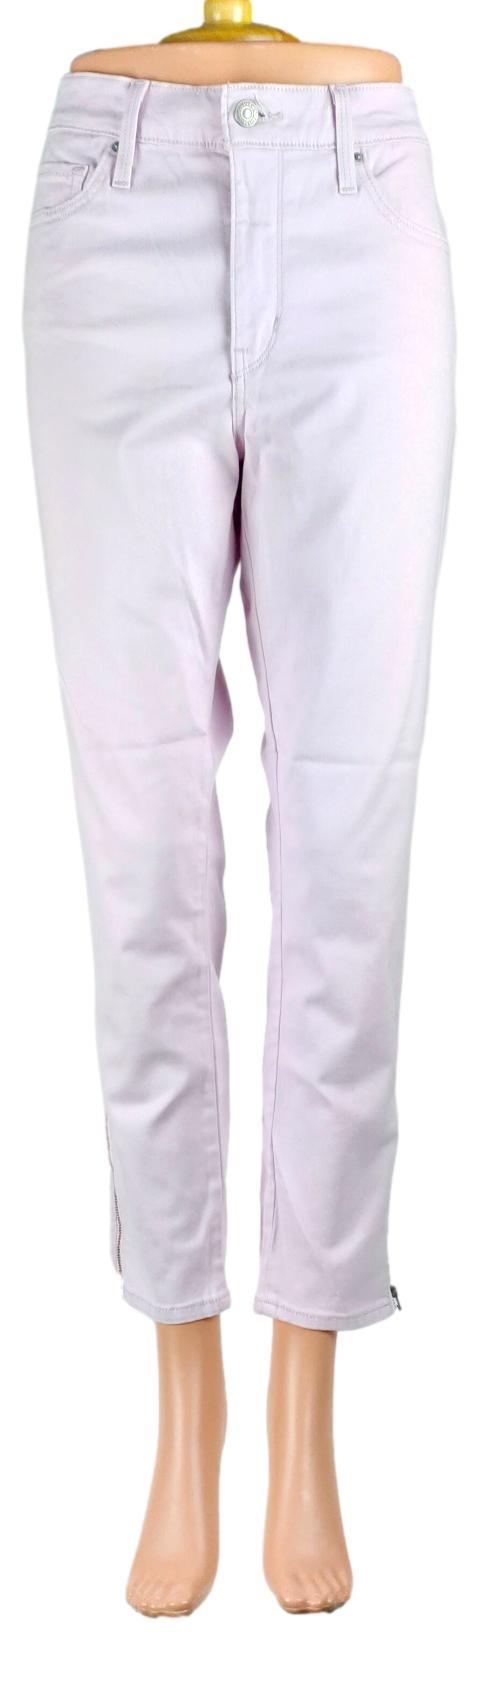 Pantalon Levi Strauss - Taille 40